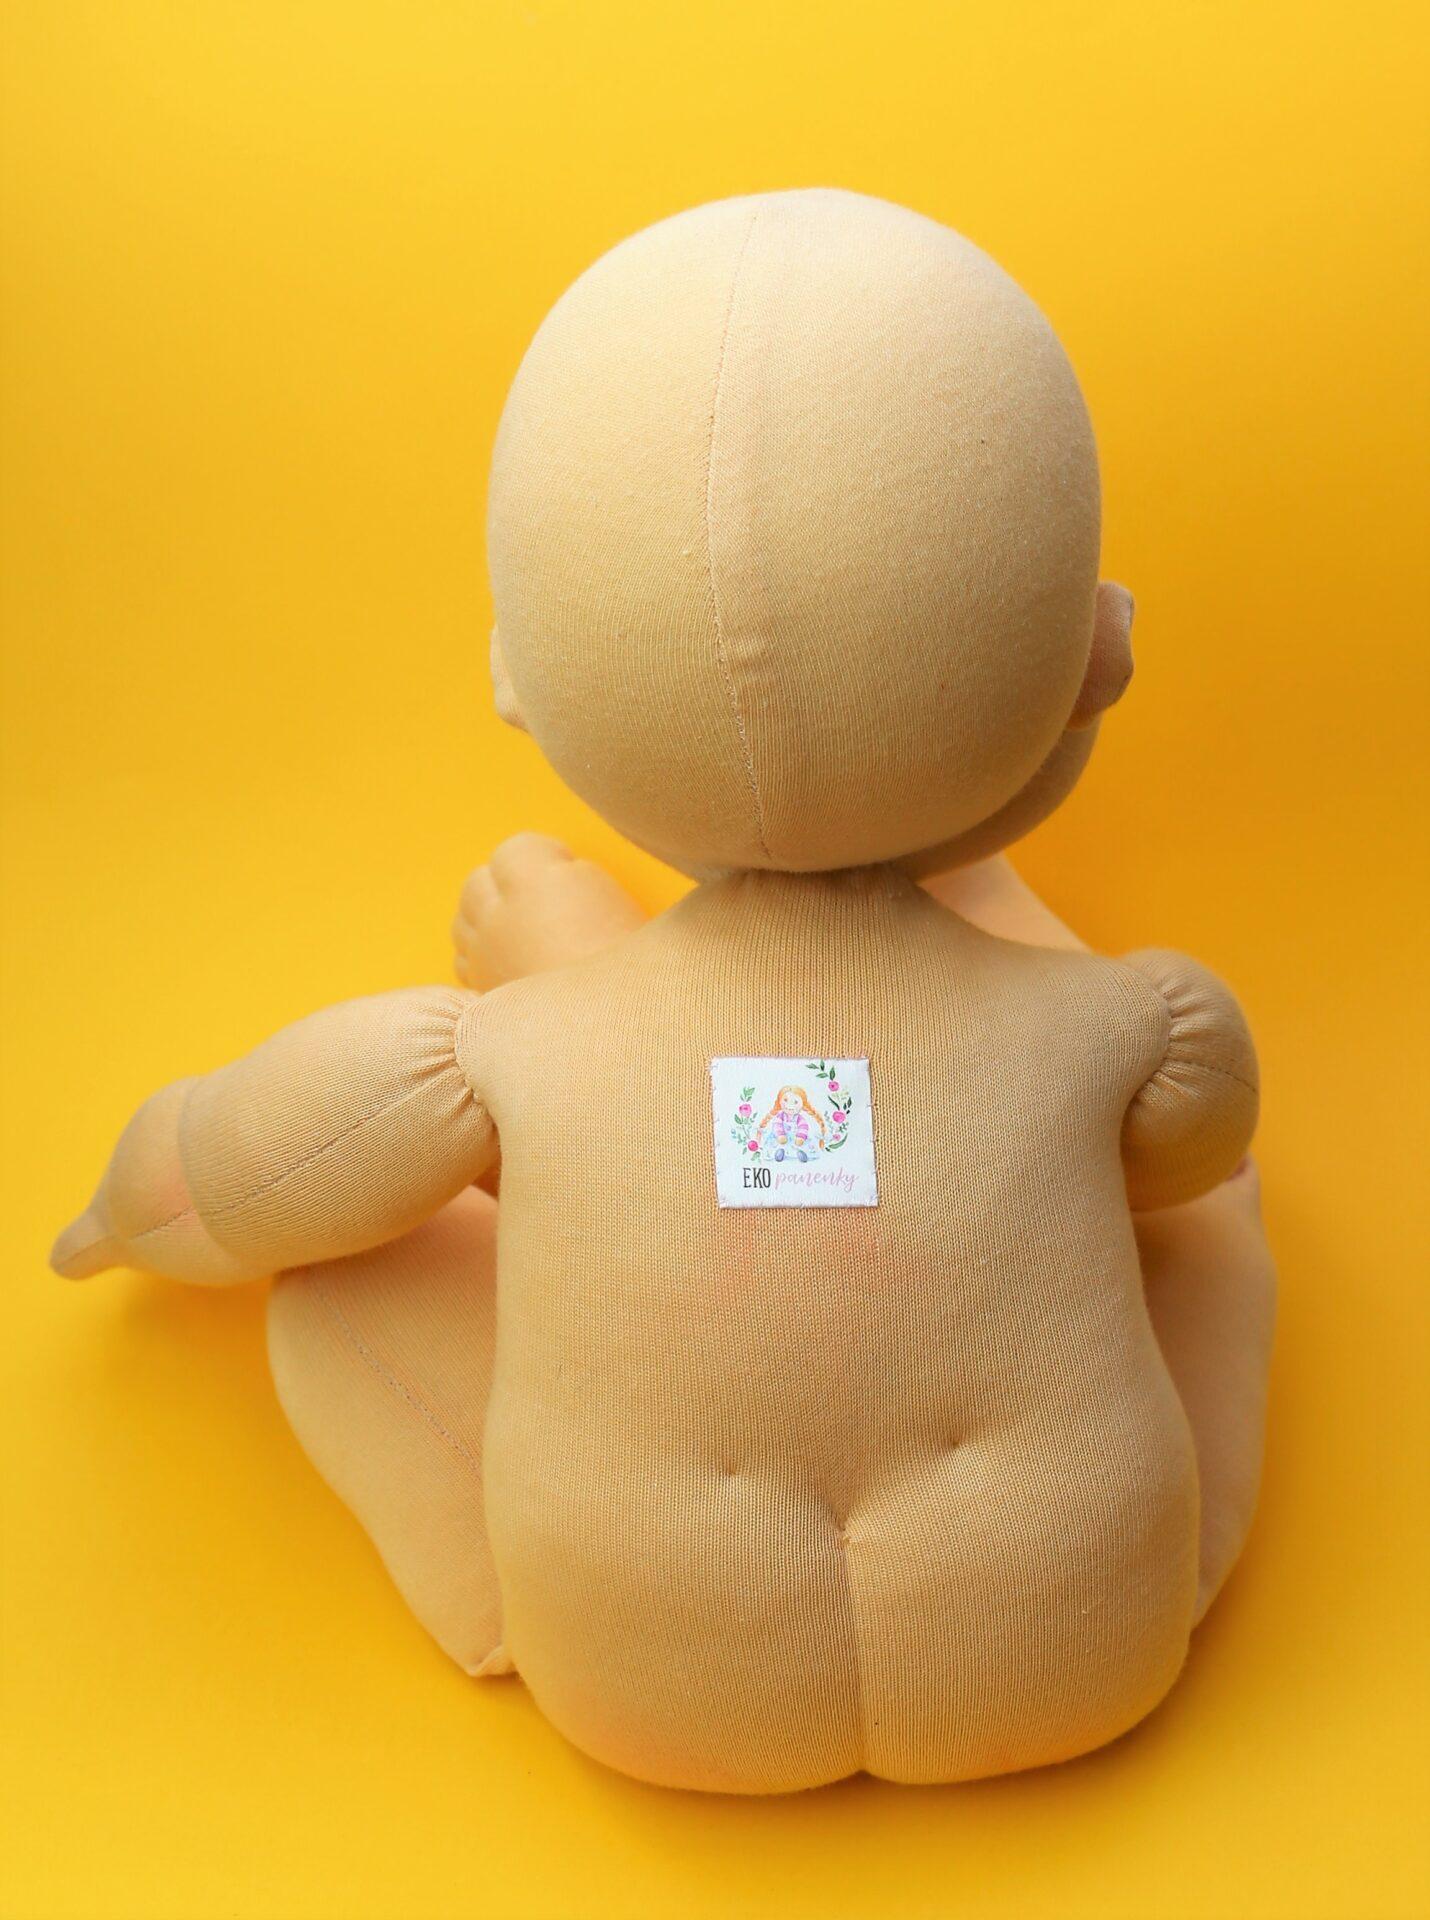 demo - panenka zezadu, ekopanenky